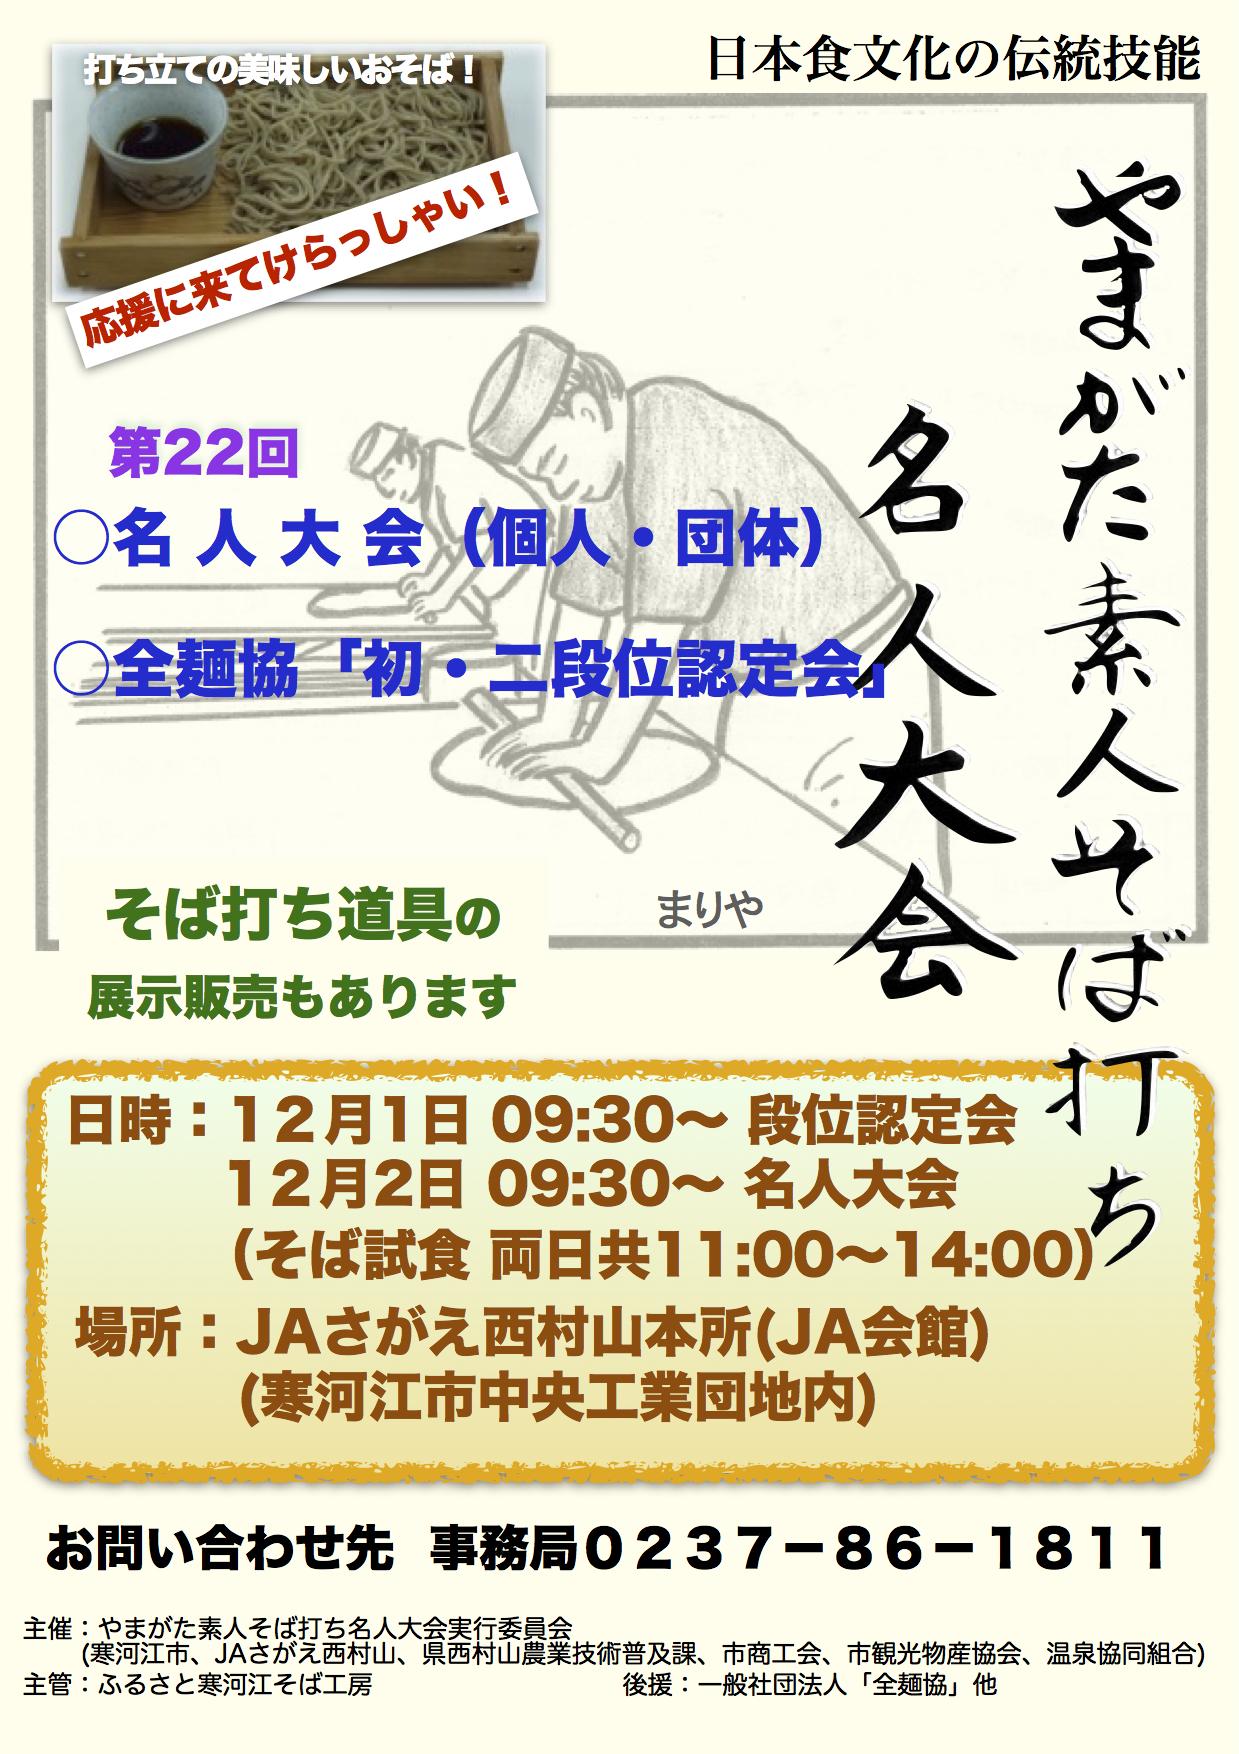 ★☆★ 素人そば打ち名人名人大会等のご案内! ★☆★:画像